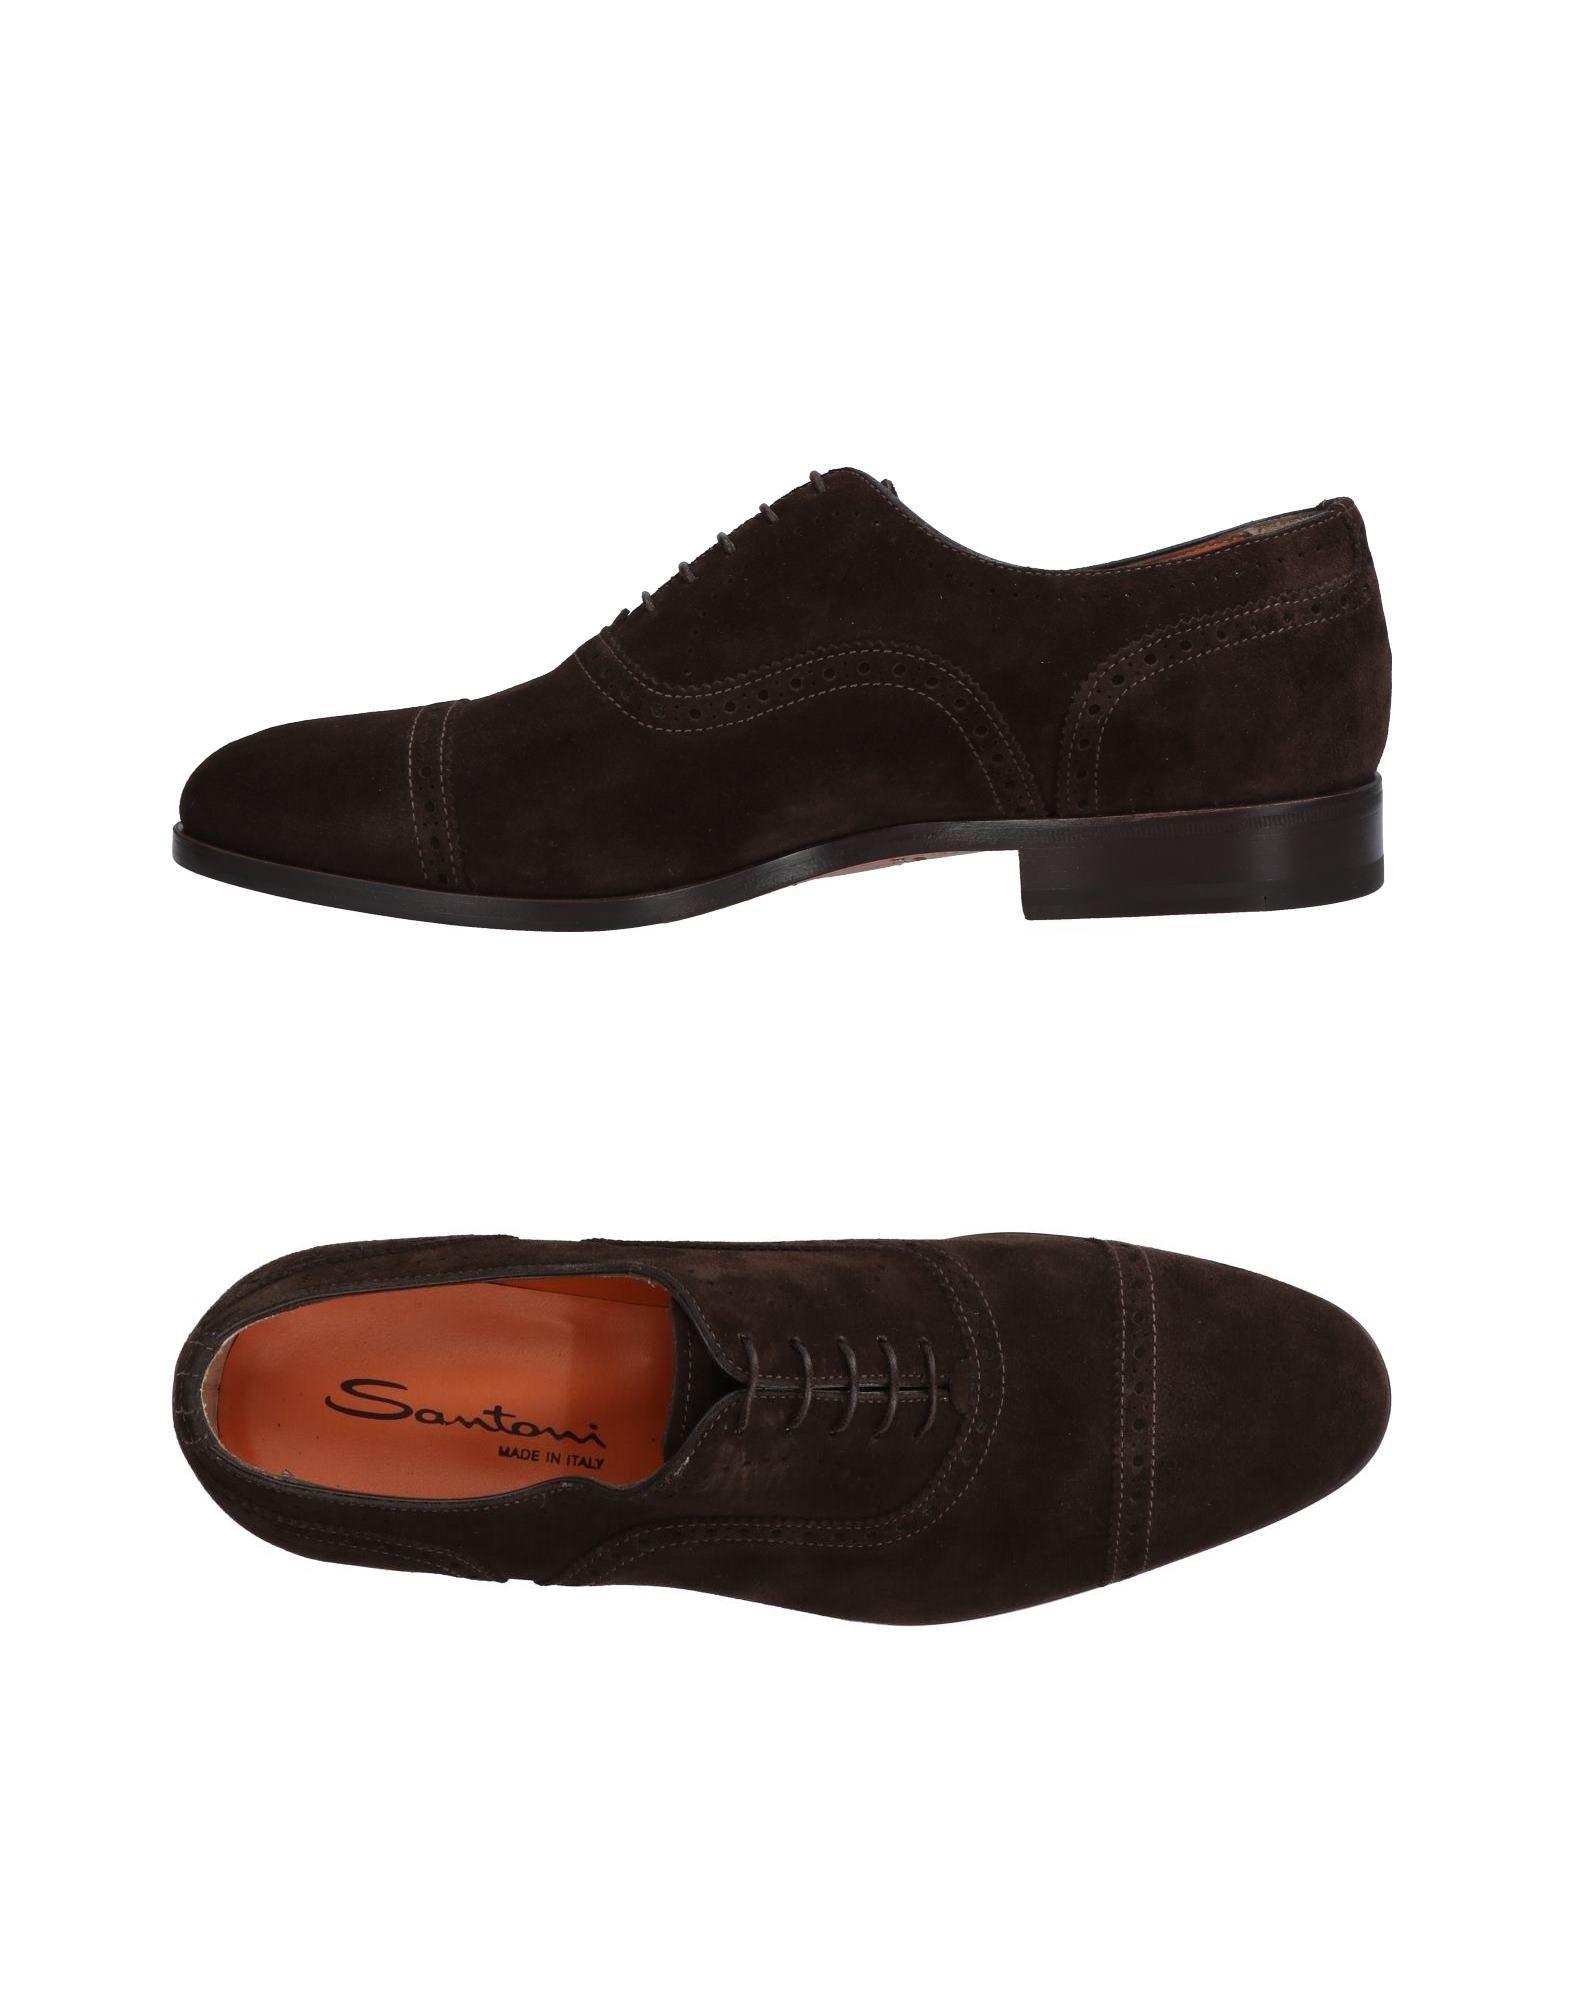 Santoni Schnürschuhe Herren  11478675PJ Gute Qualität beliebte Schuhe